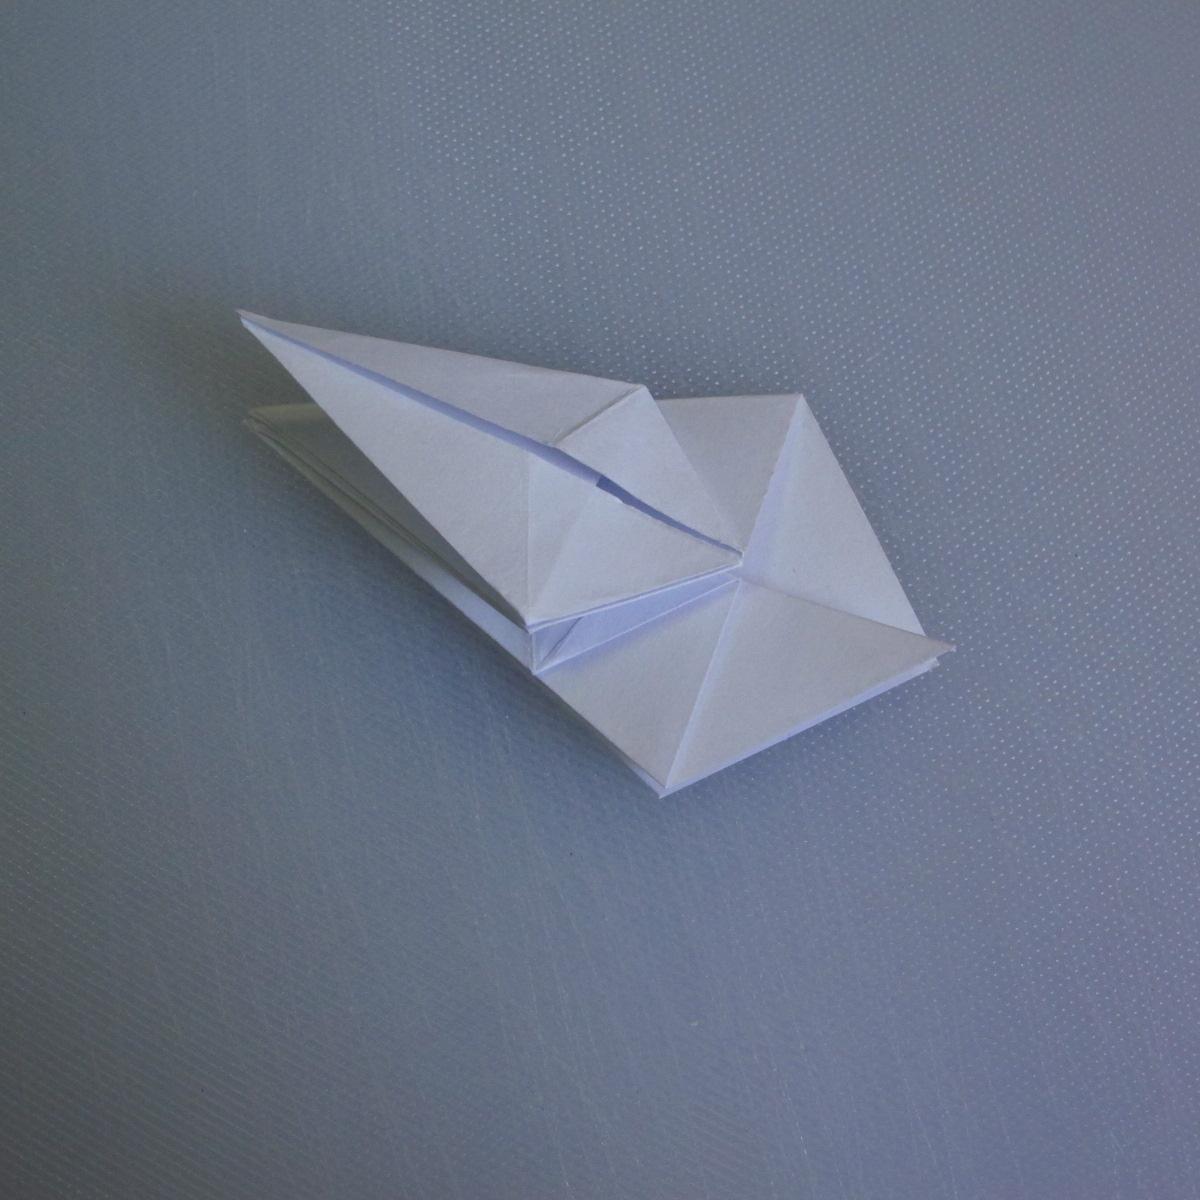 วิธีพับกระดาษเป็นรูปดอกลิลลี่ 014